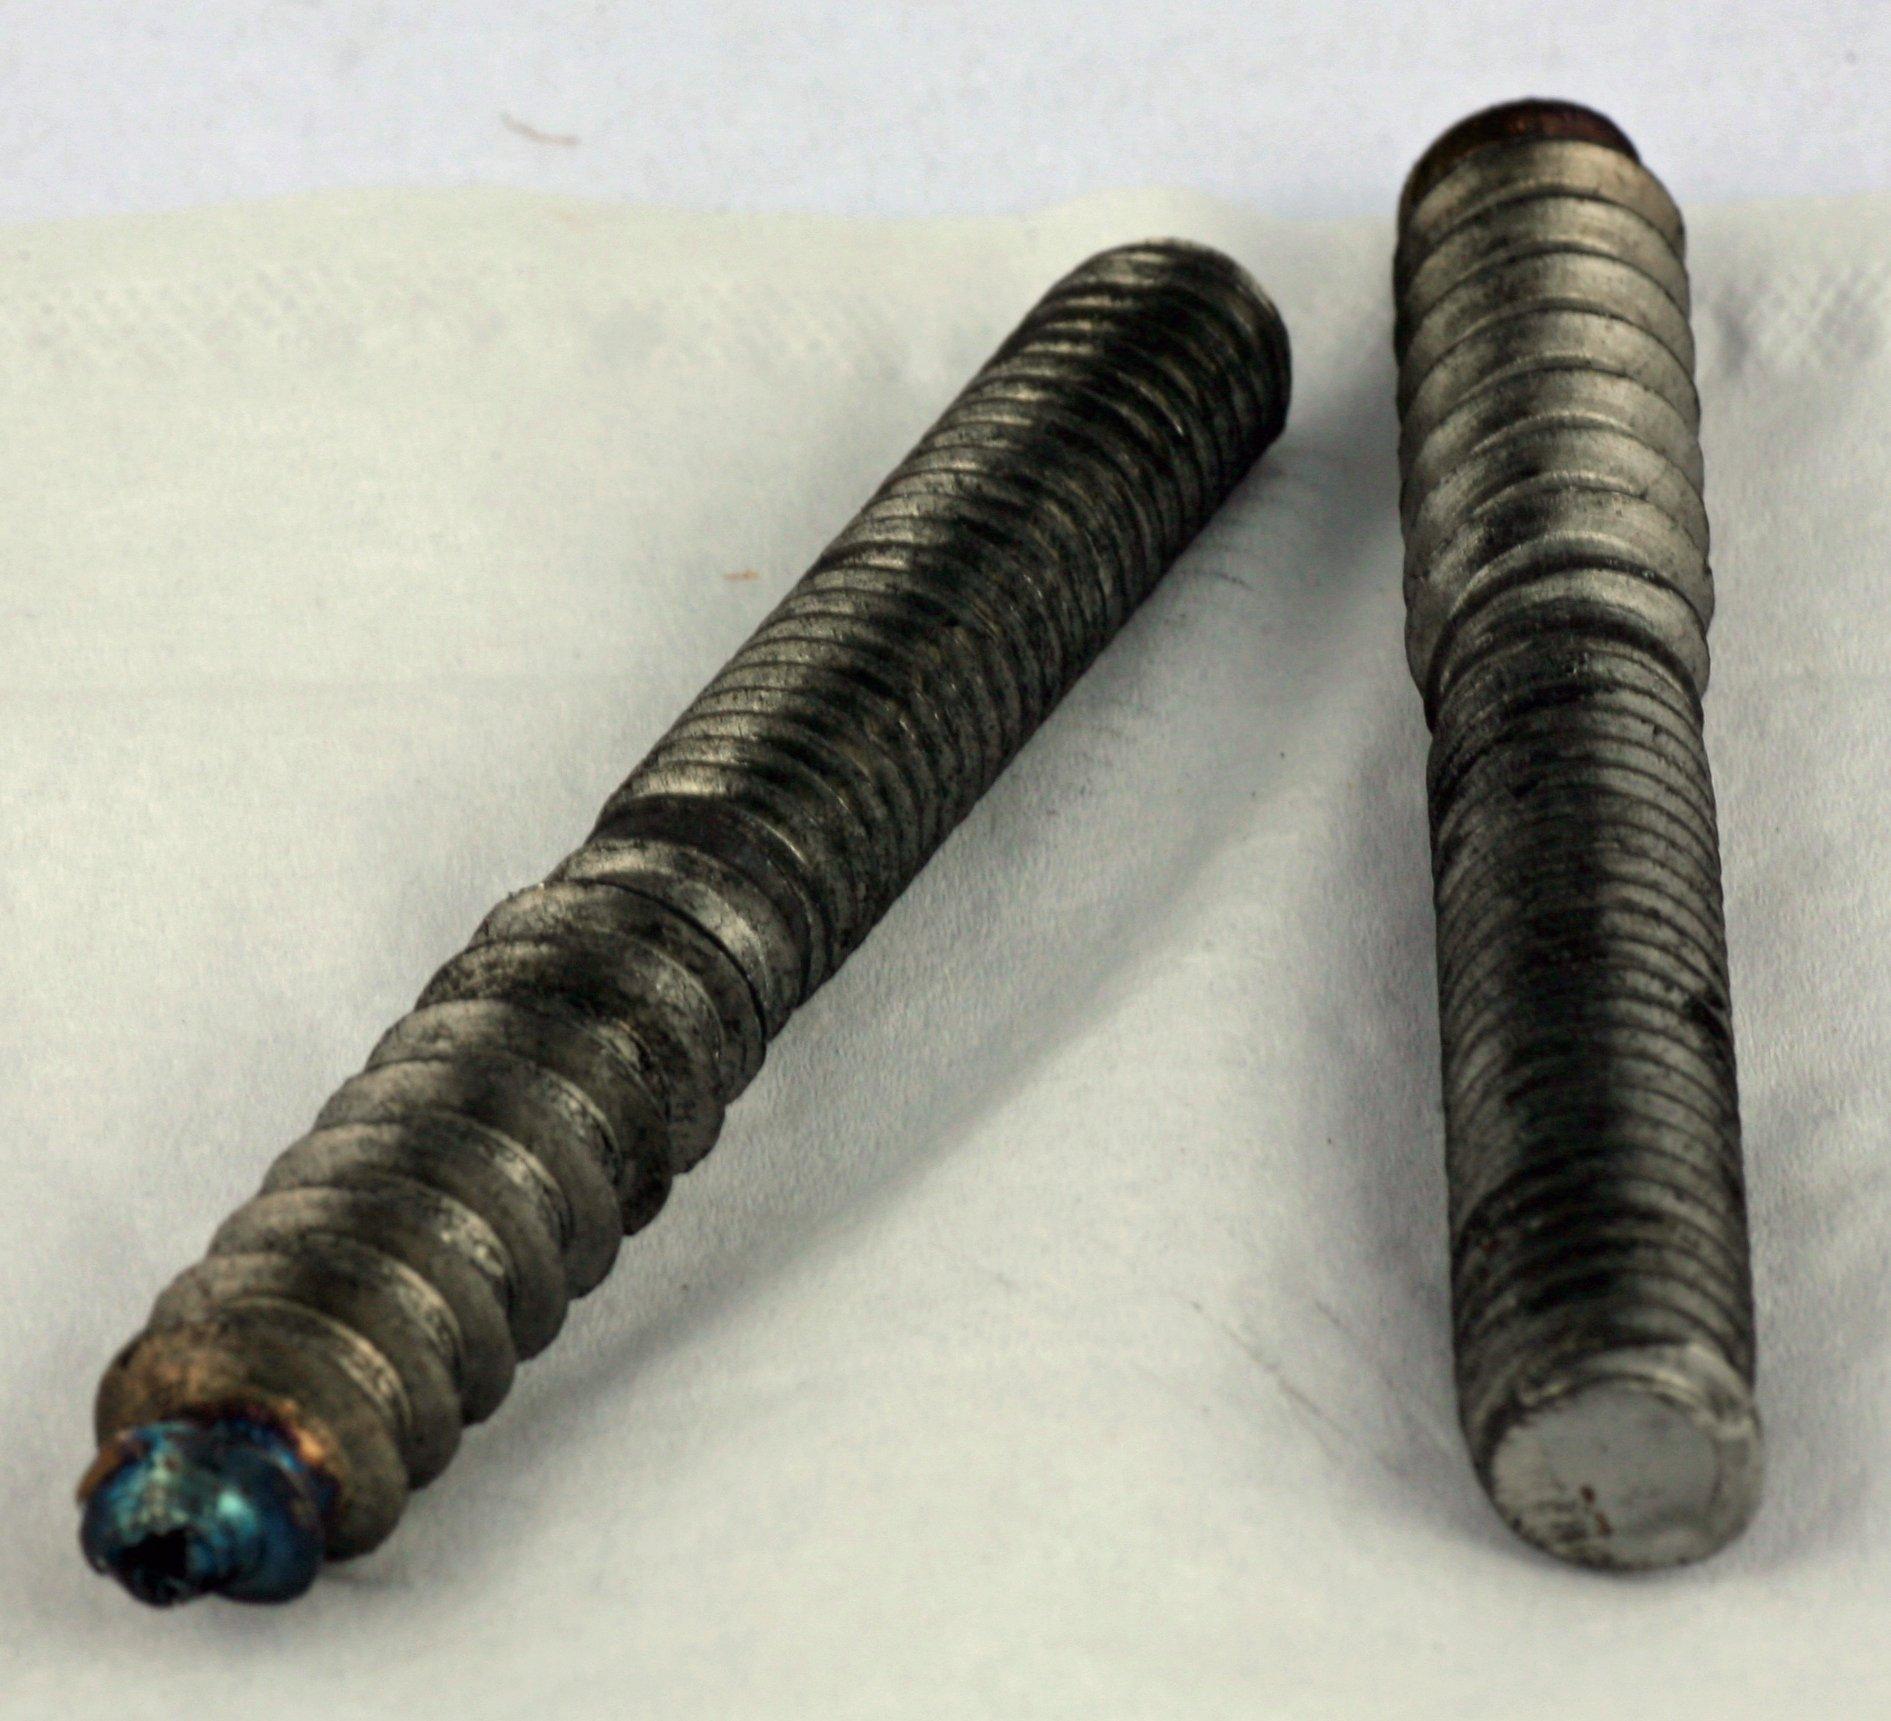 3/8 x 1-1/ 2 Hanger Bolts Full Thread Steel Plain 100 Pack